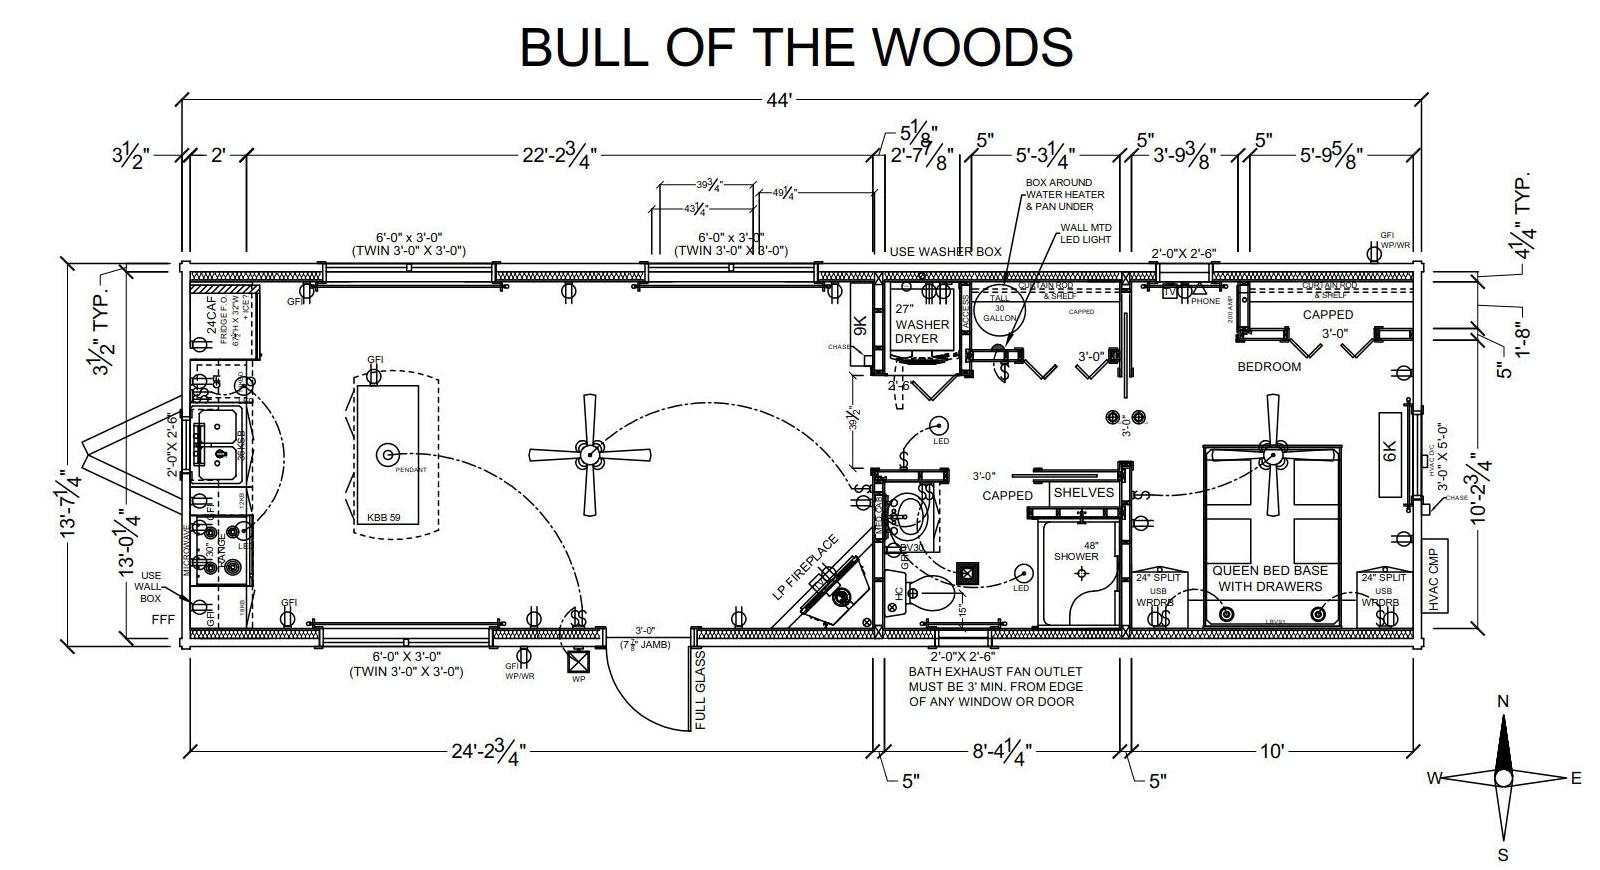 Bull of the Woods - Plan